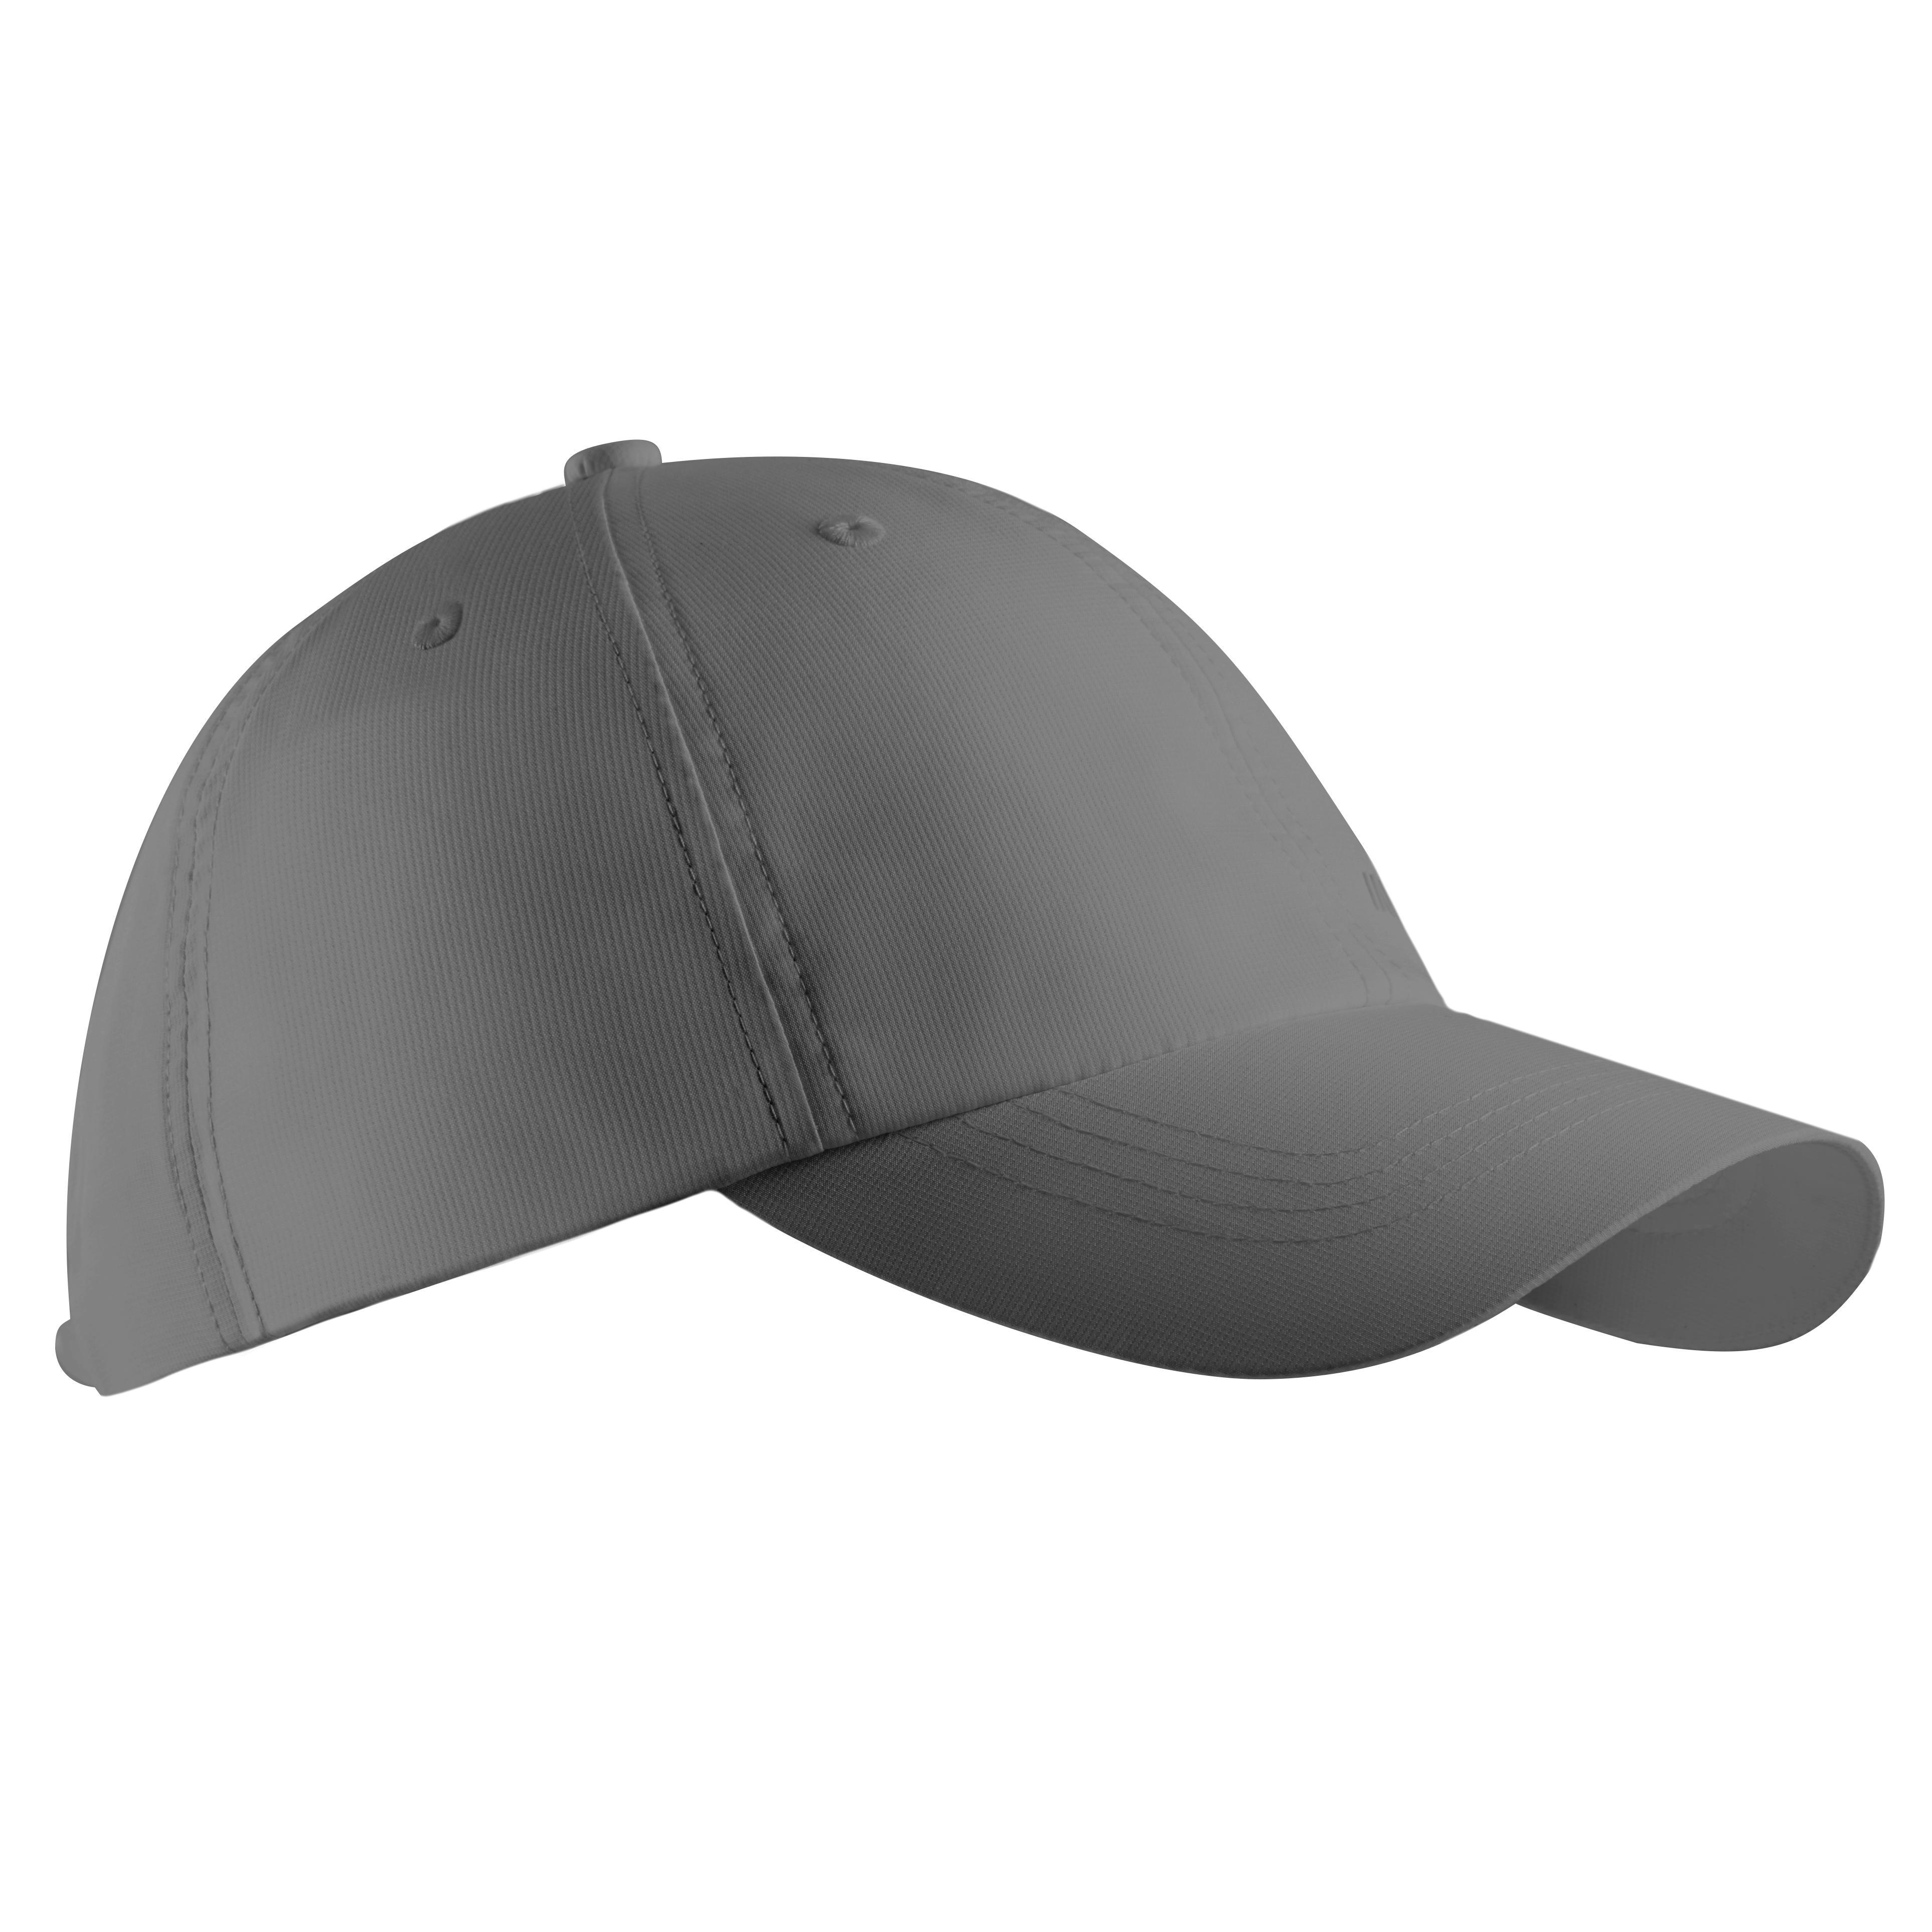 Şapcă Golf Gri Adulţi la Reducere poza